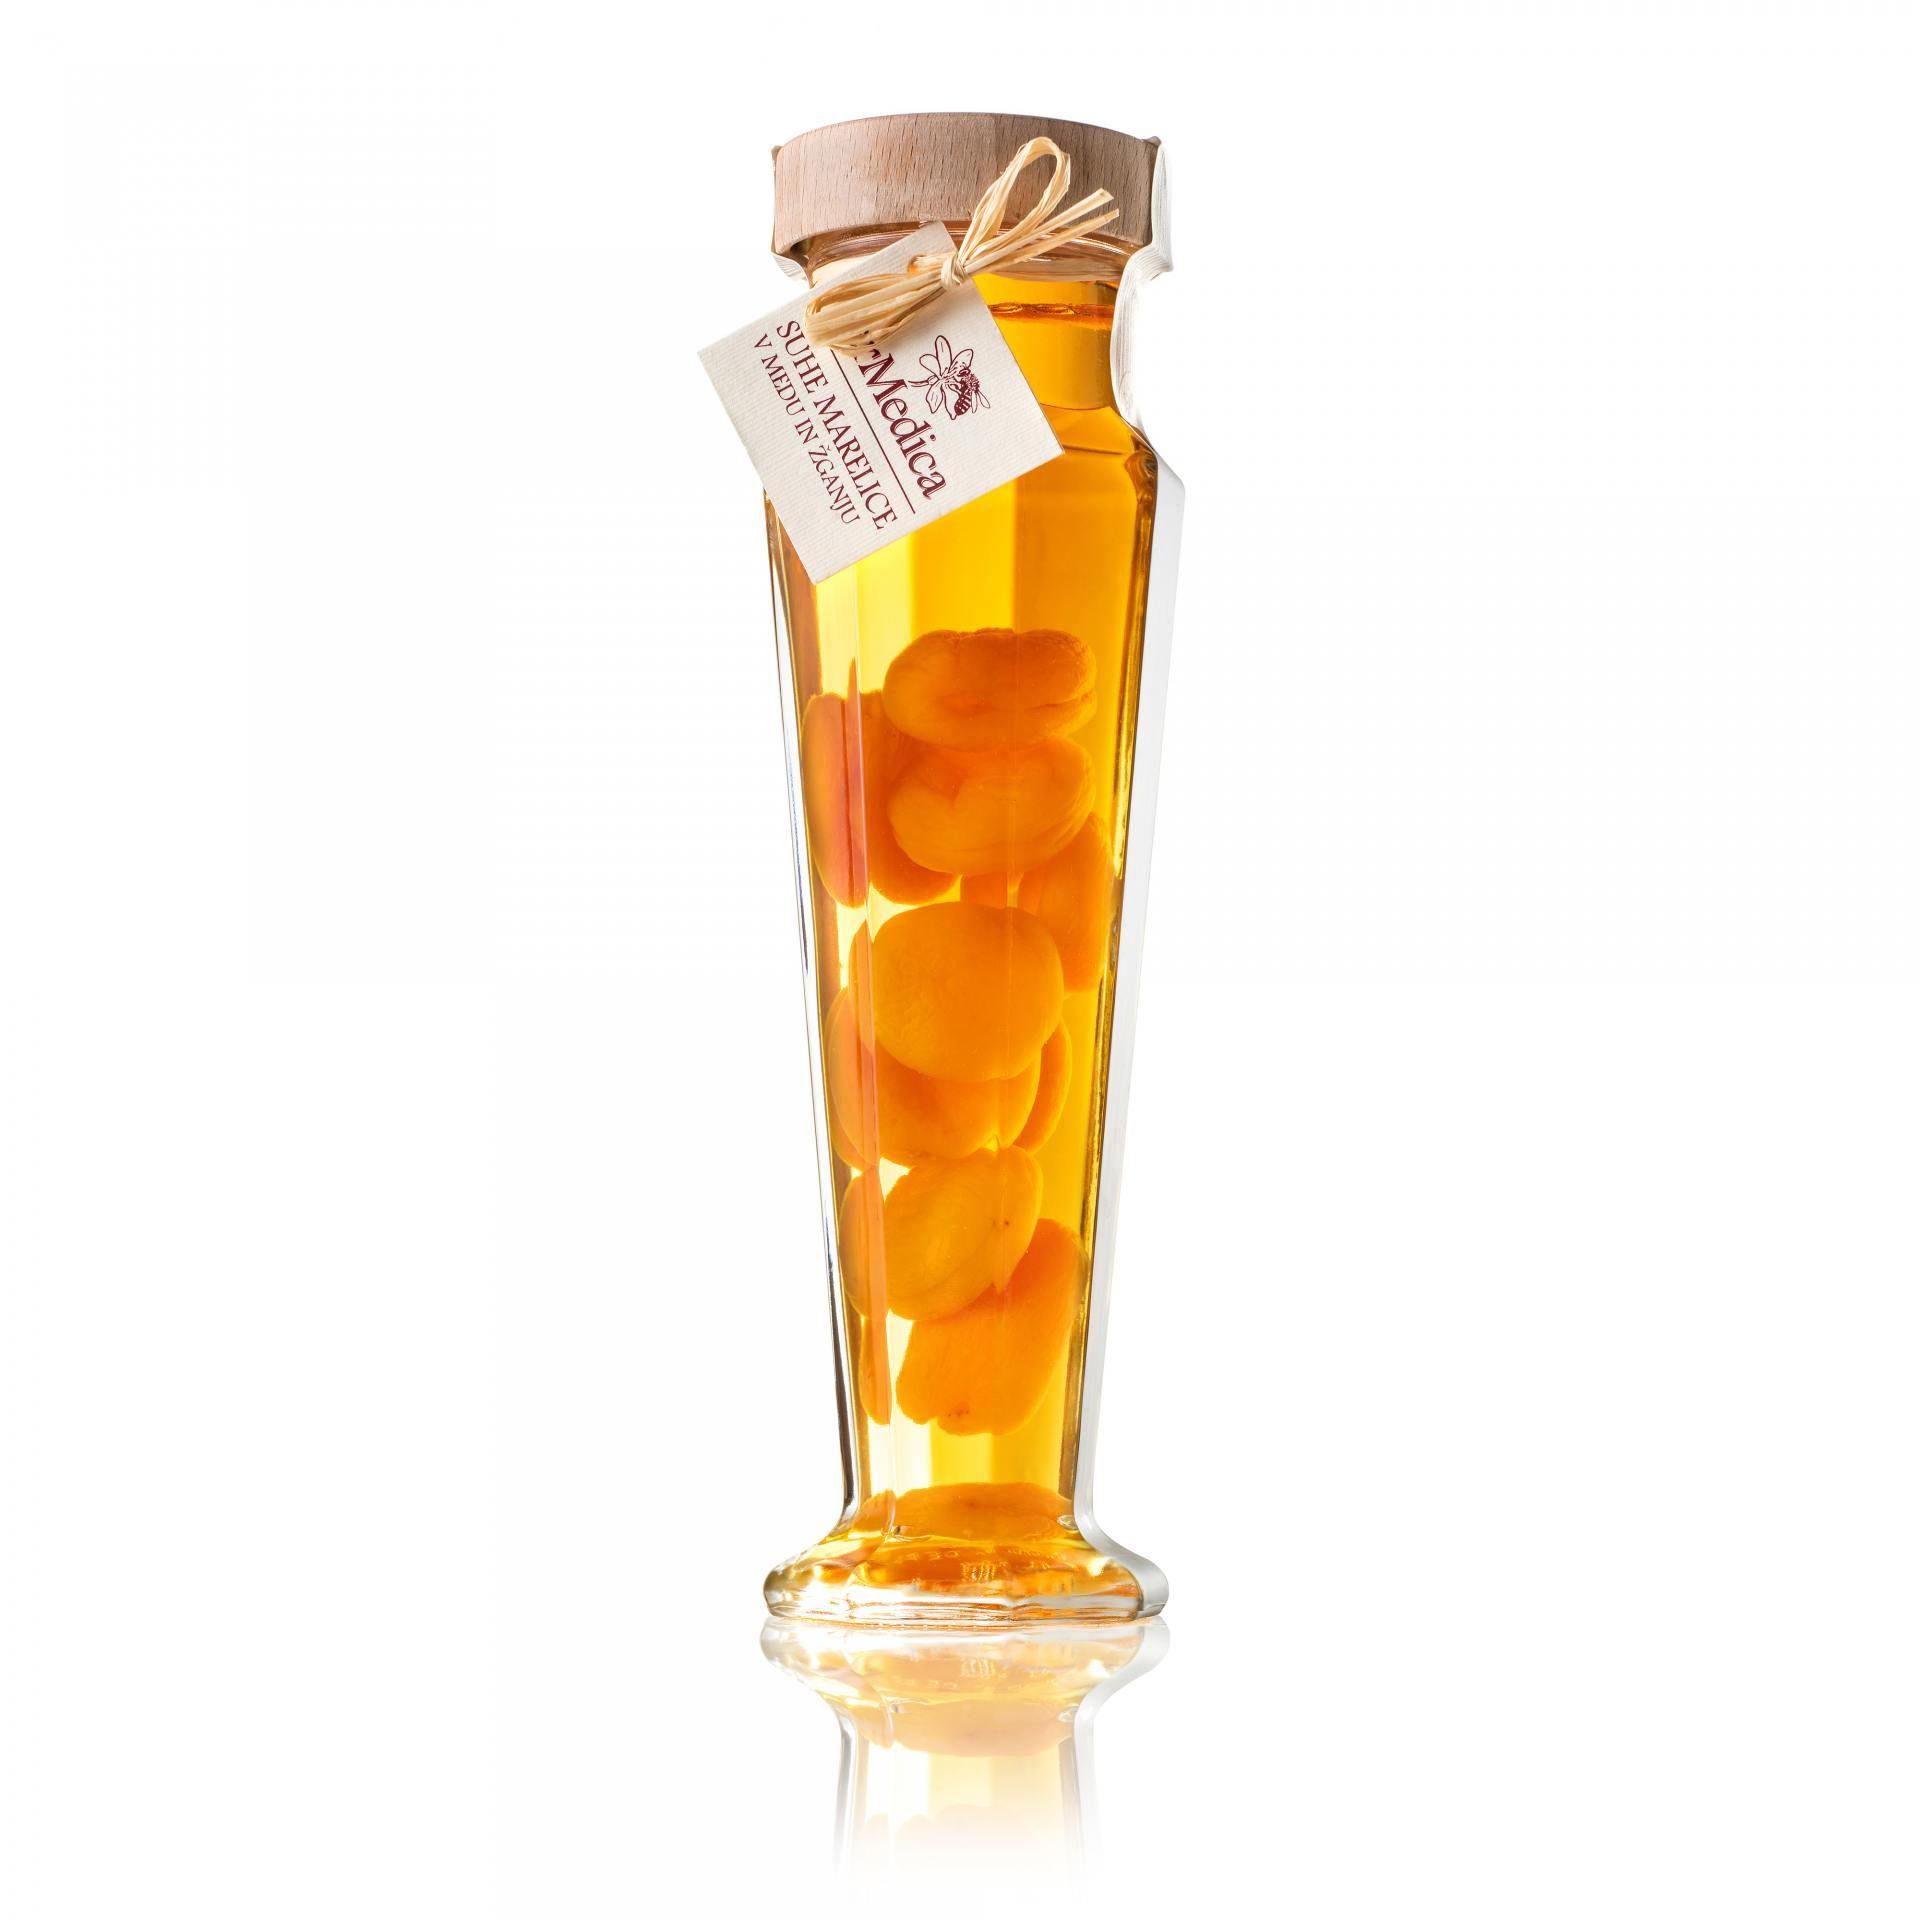 Med in žganje, med z dodatki, darilni seti v lični embalaži fermedica 51